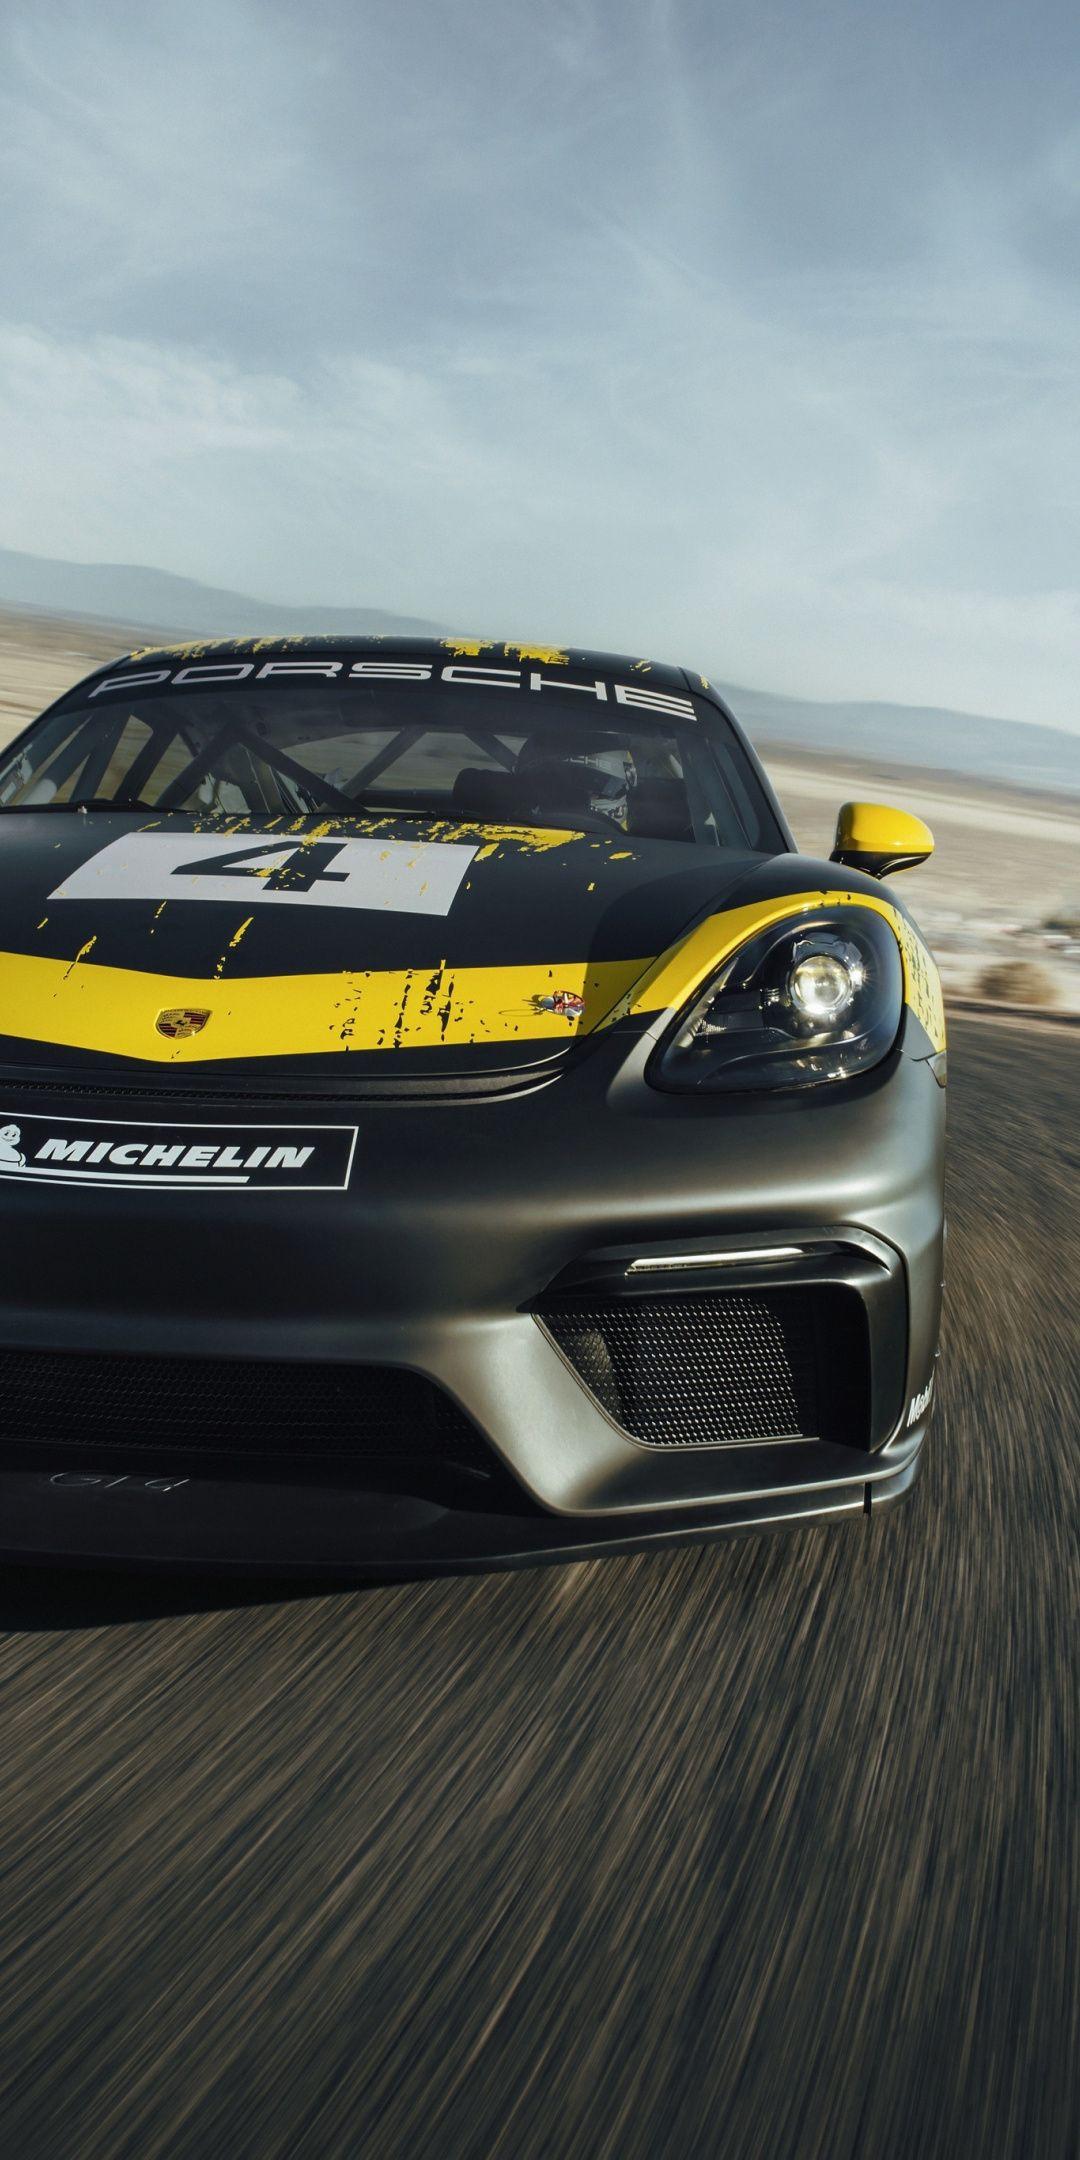 Race Car Porsche Cayman Gt4 1080x2160 Wallpaper Cayman Gt4